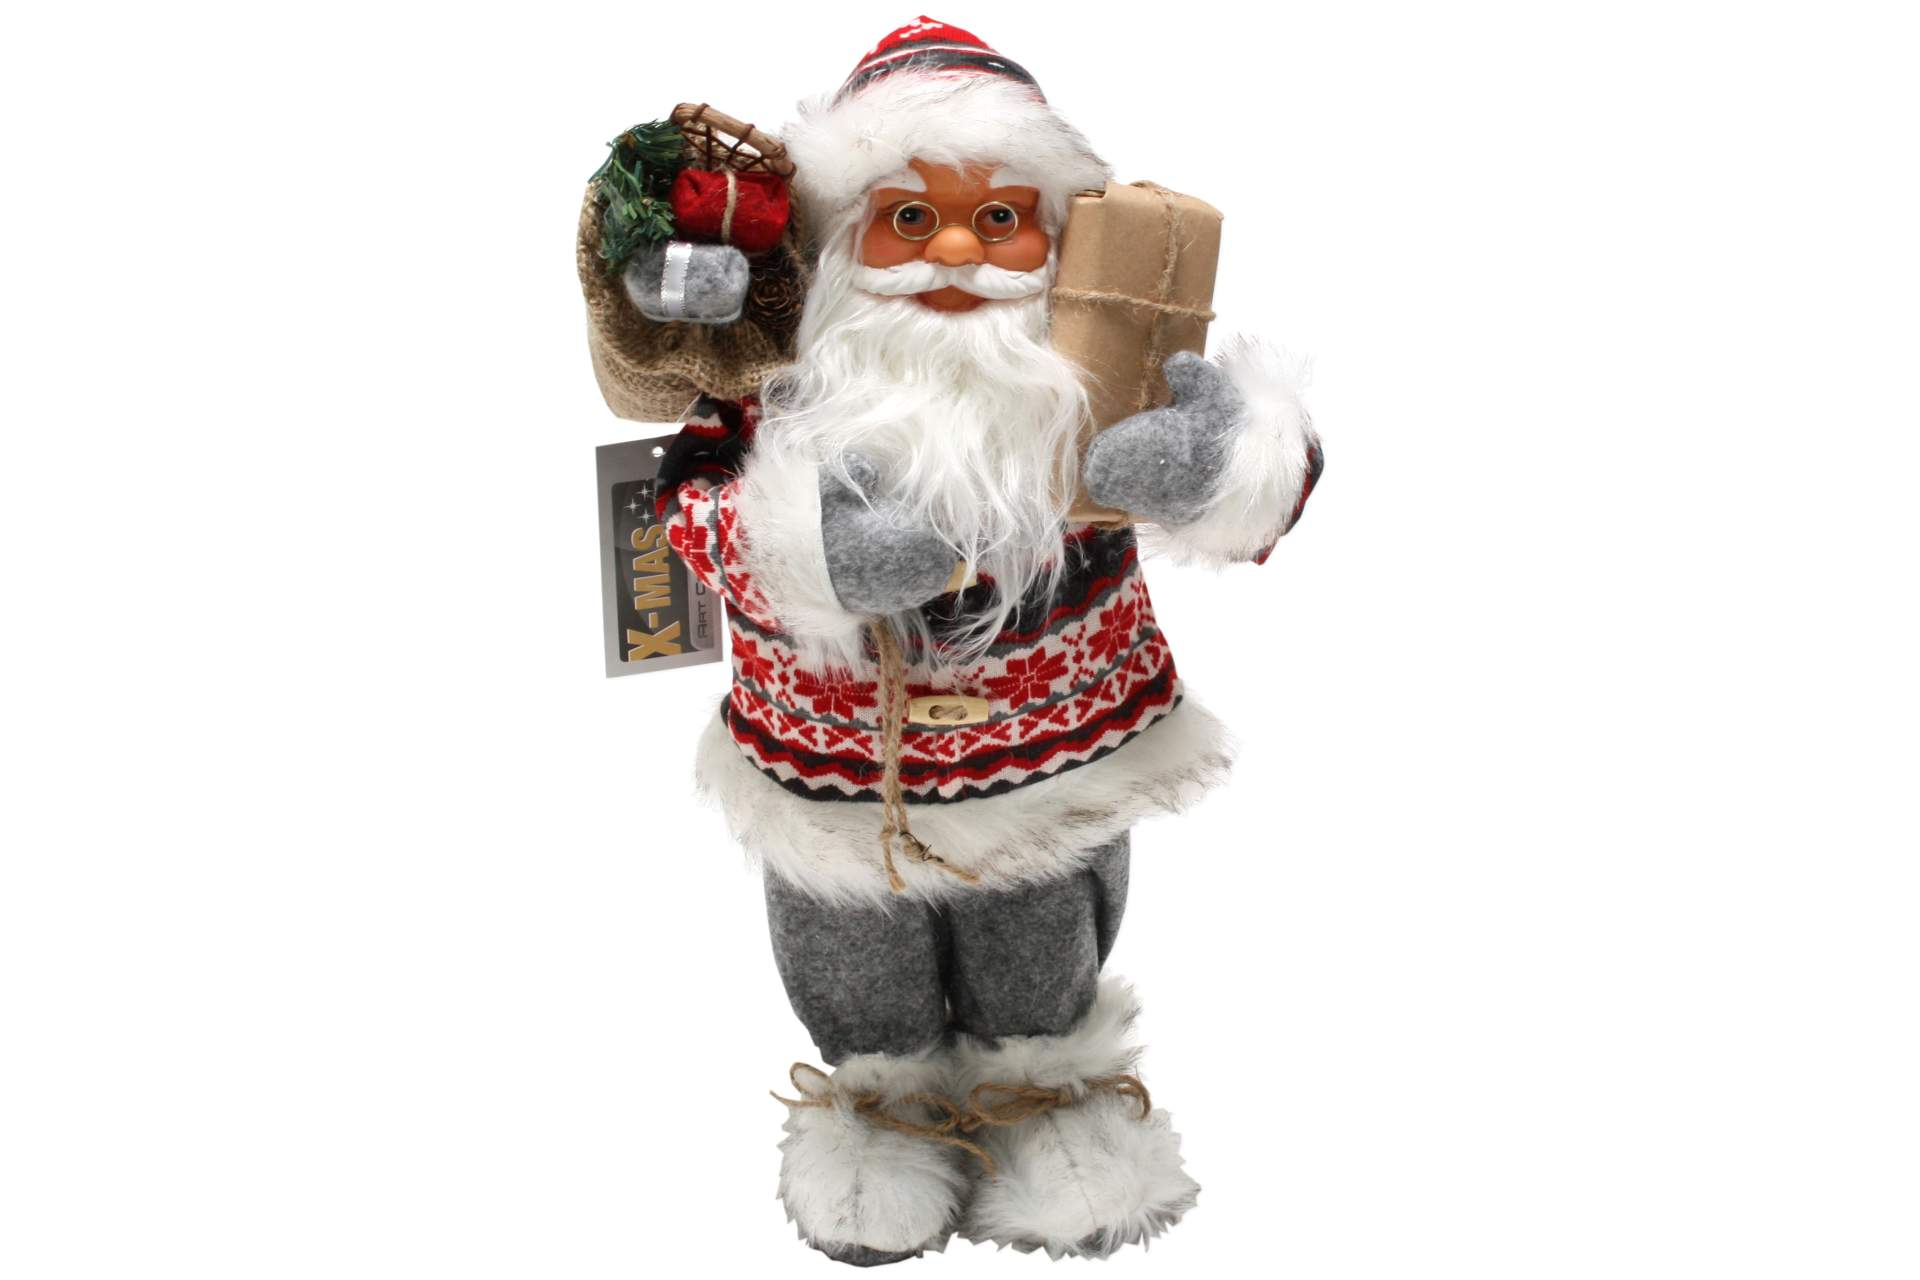 weihnachtsmann 60 cm nordisch grau mit paket santa claus nikolaus deko figur neu ebay. Black Bedroom Furniture Sets. Home Design Ideas